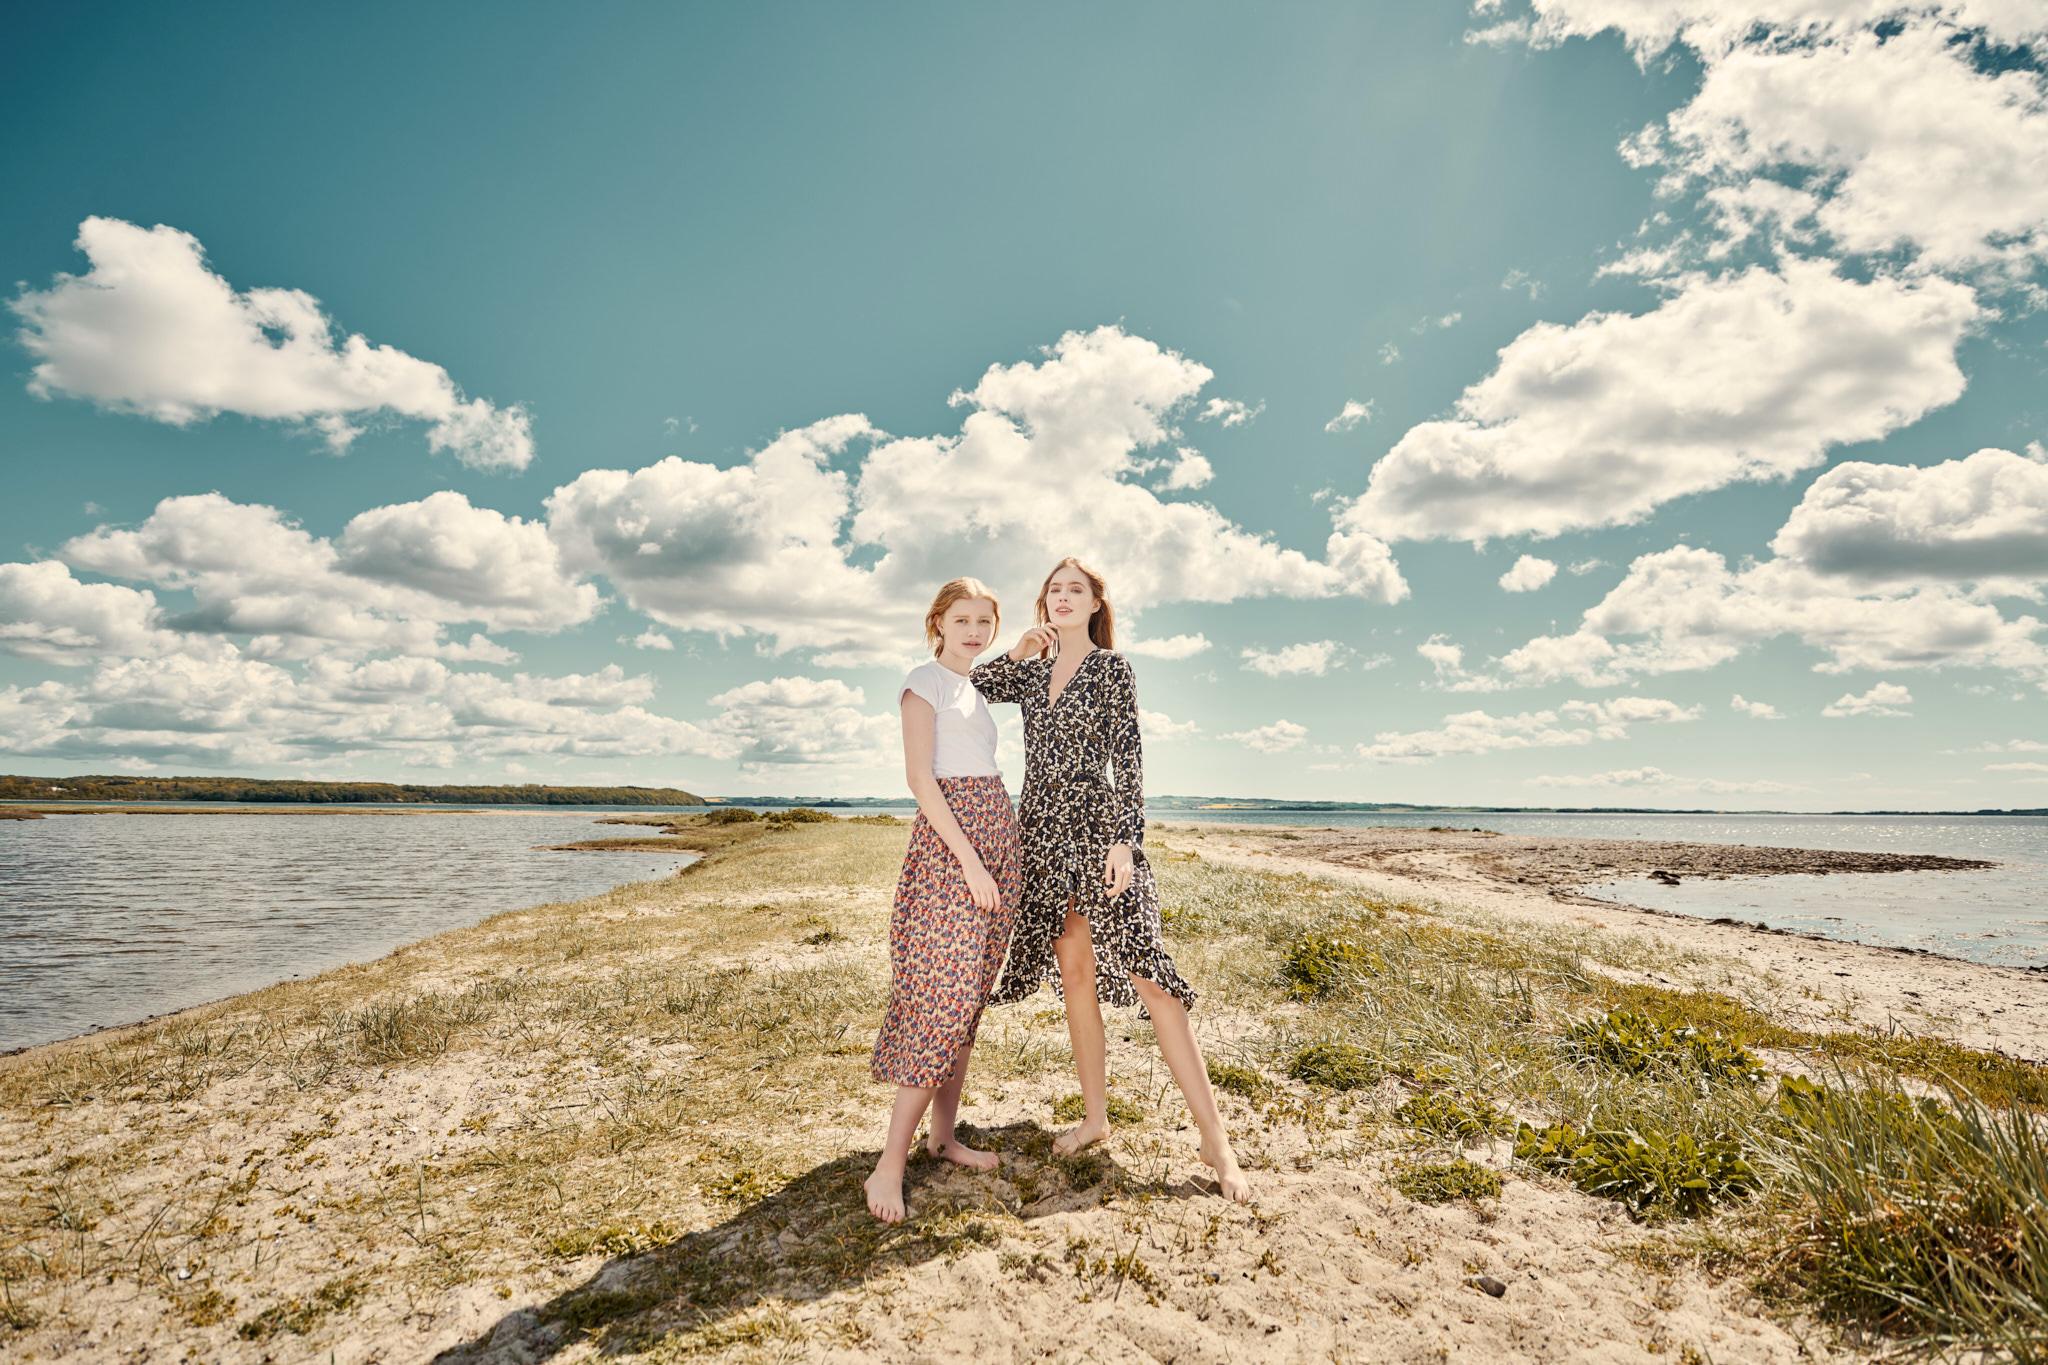 Sommer mode - fotograf